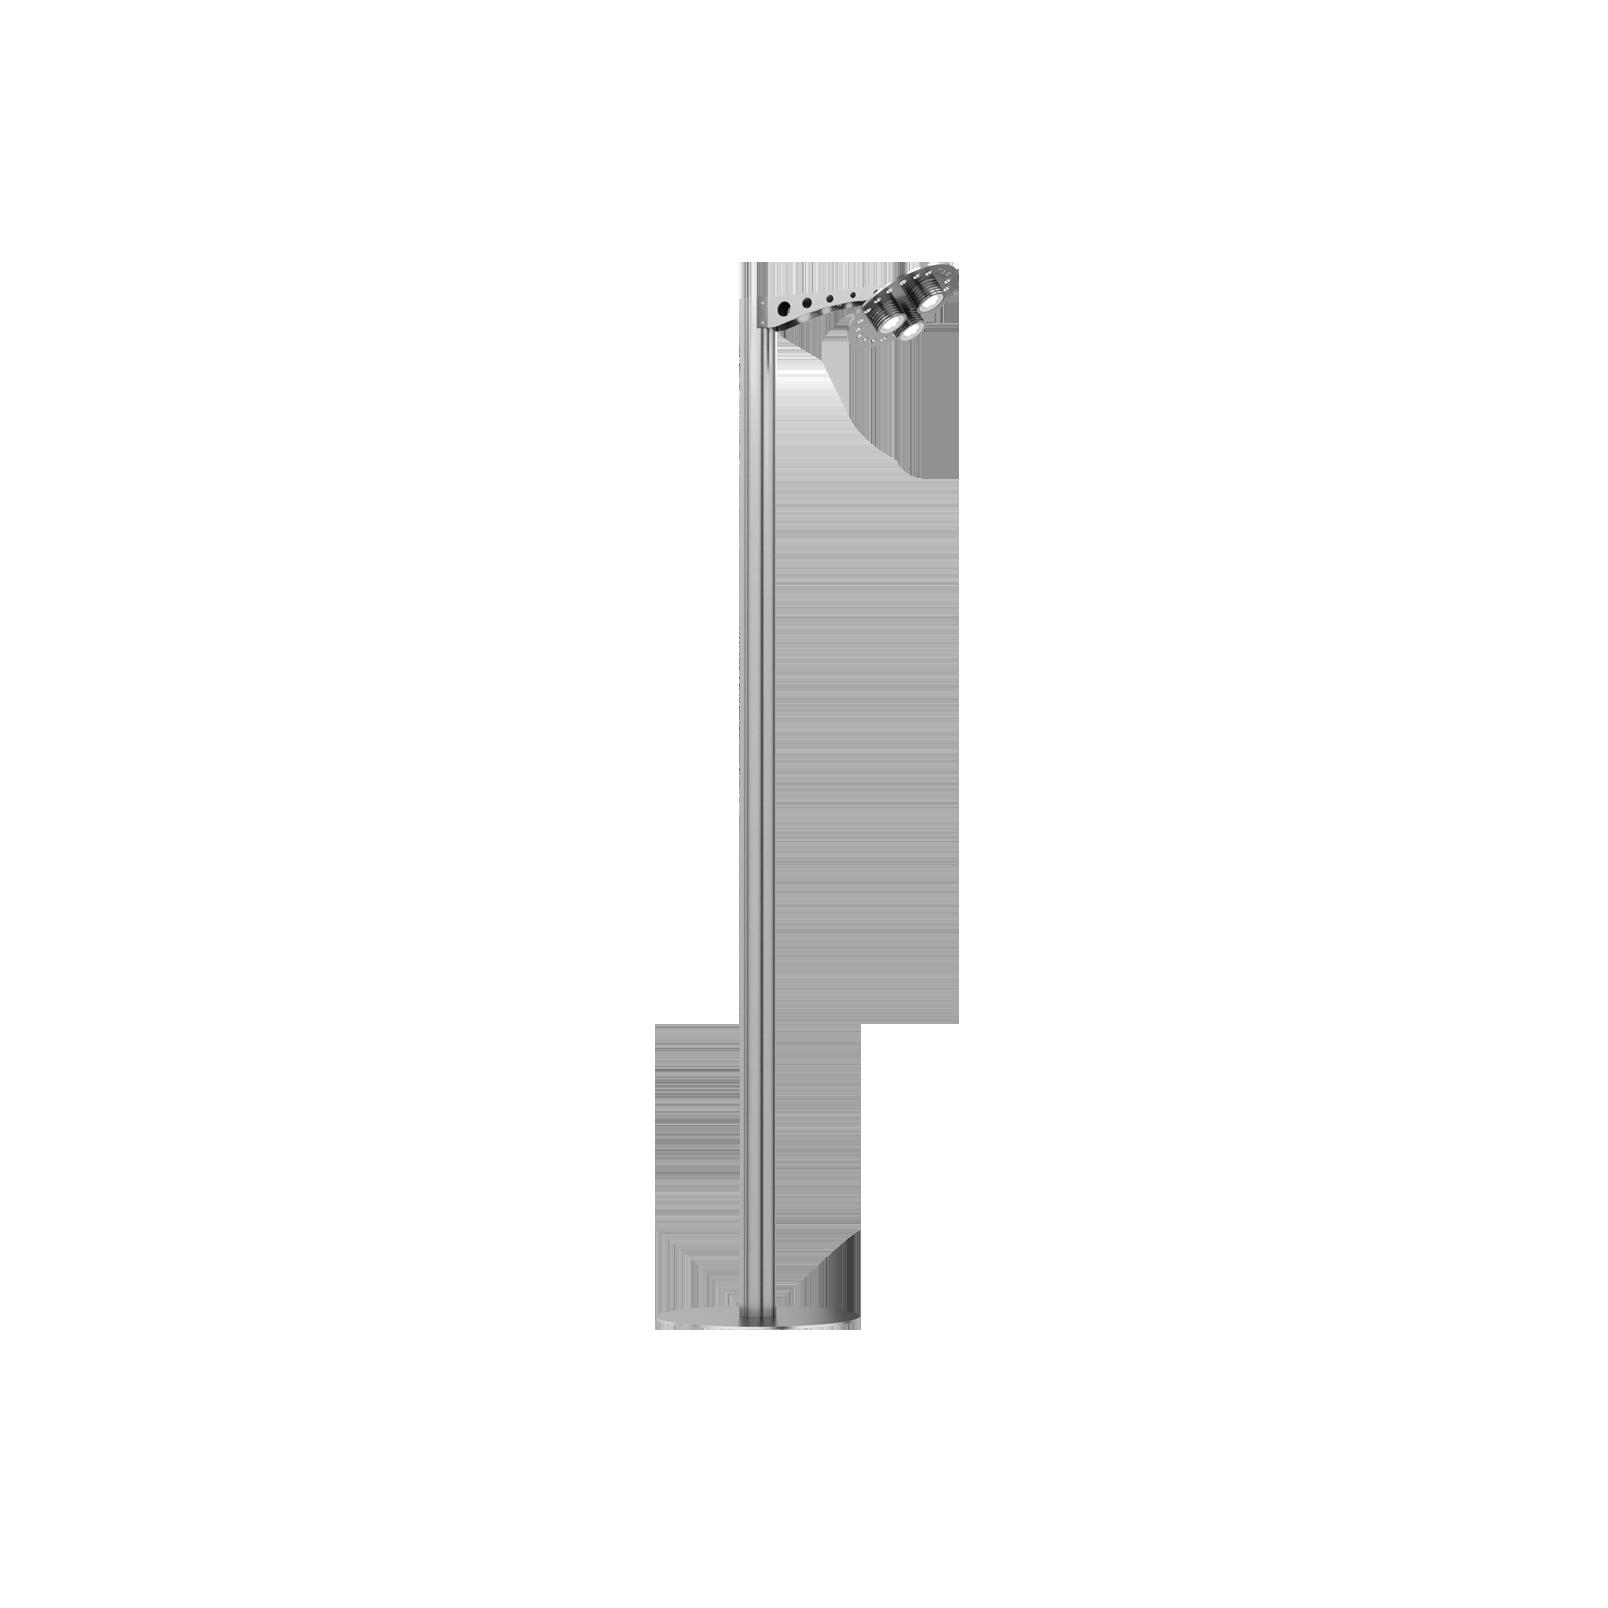 фонари уличного освещенияTRIF CITY M3